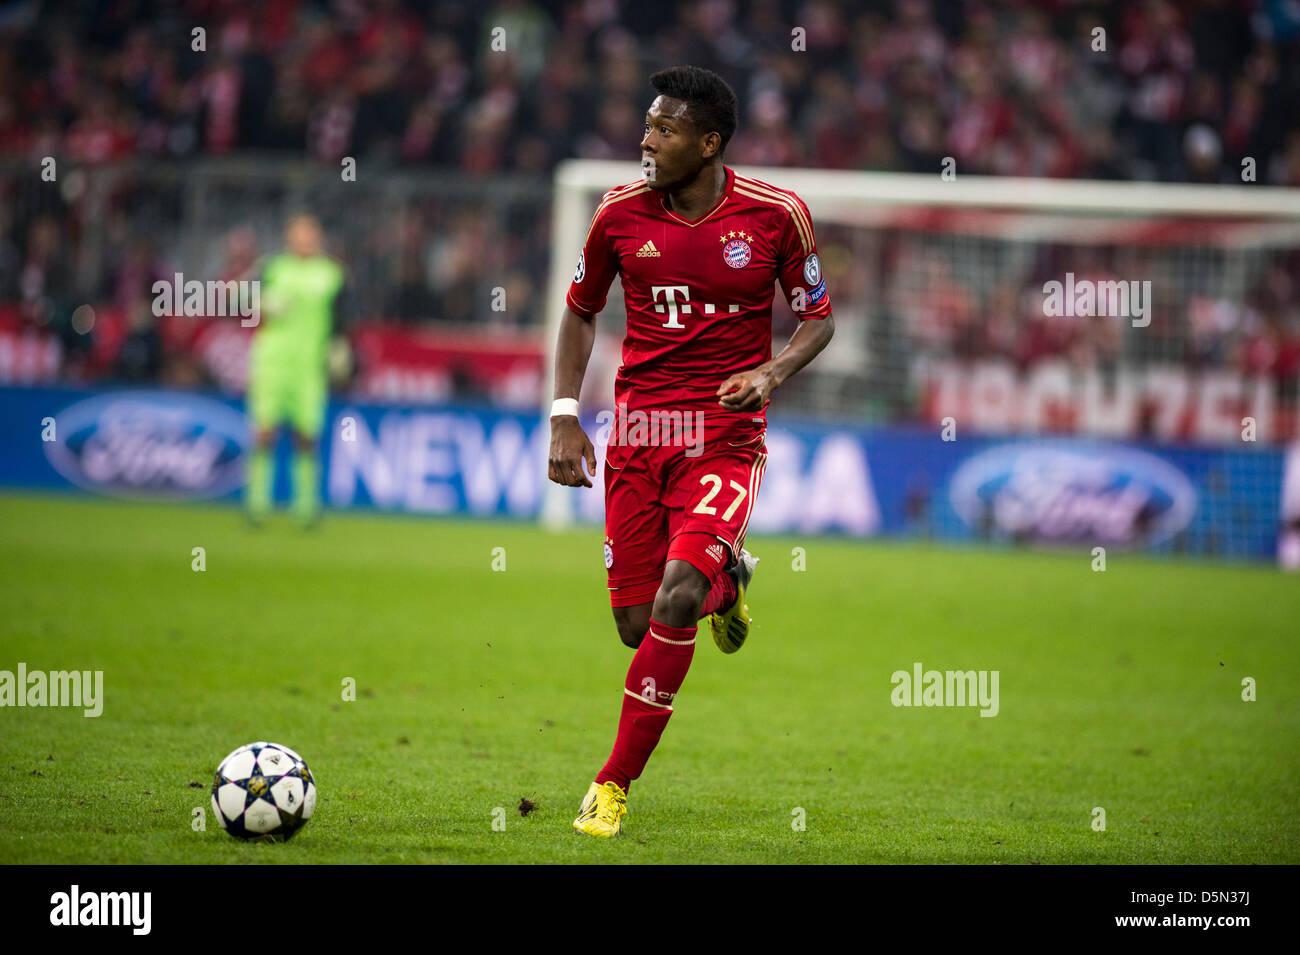 David Alaba (Bayern), 2 de abril de 2013 - Fútbol / Fútbol UEFA ...